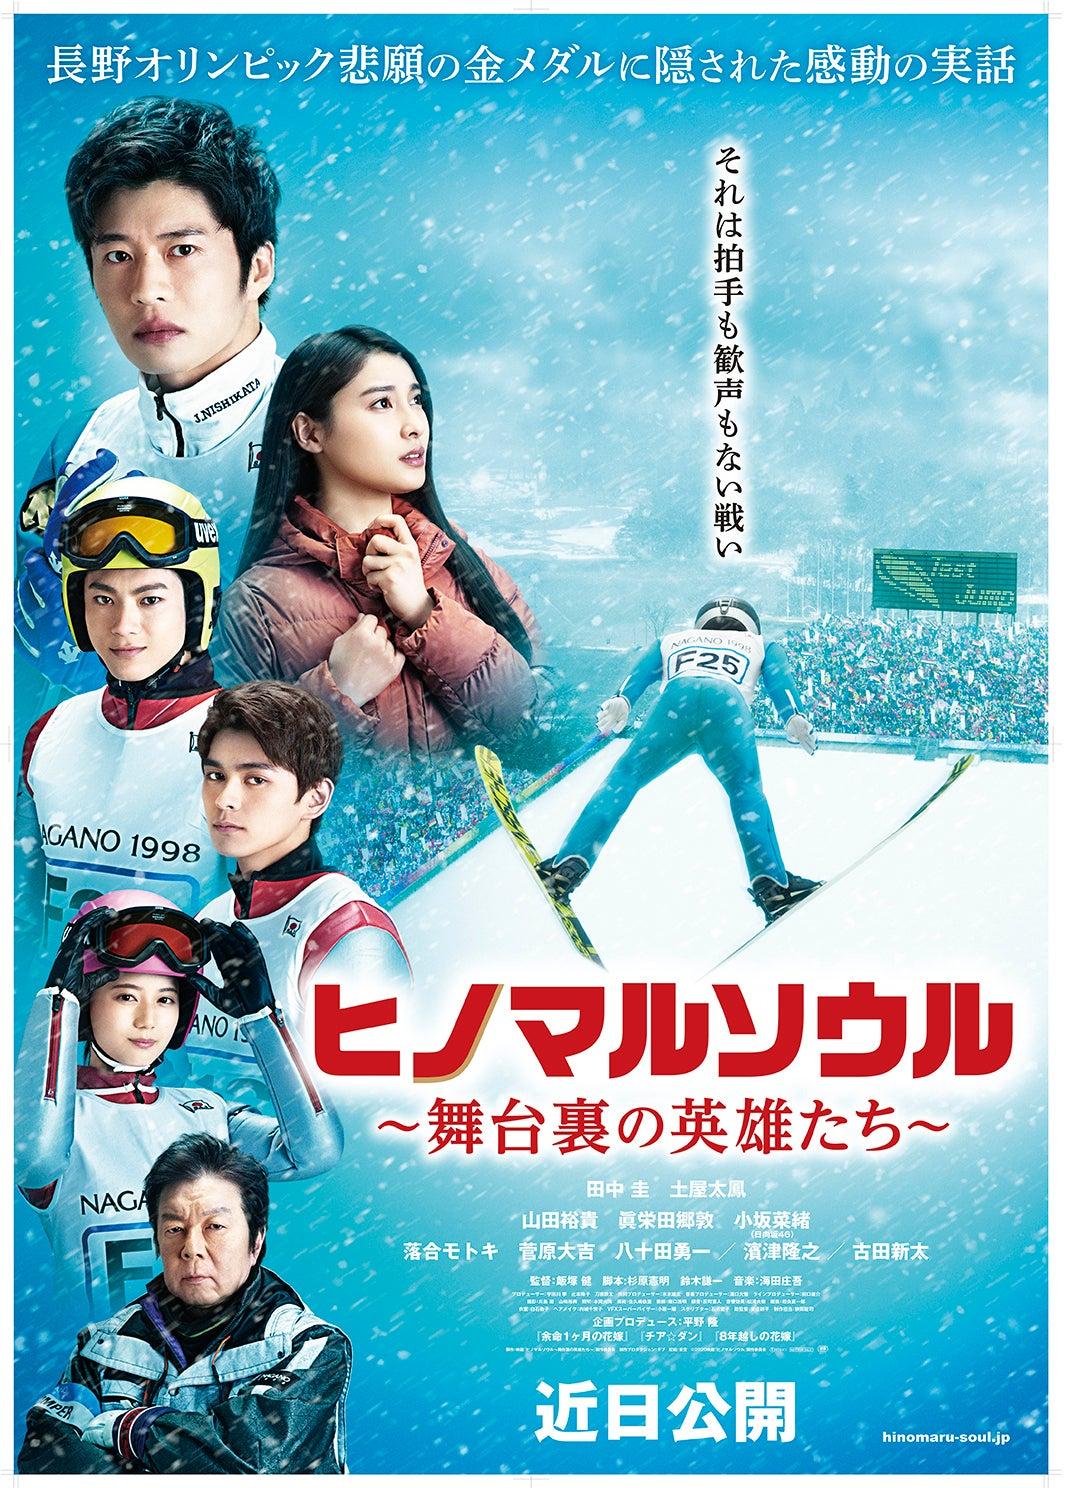 【悲報】 AKBが出演する映画『ヒノマルソウル』爆死wwwwwwwwwwwwww【日向坂46小坂菜緒】